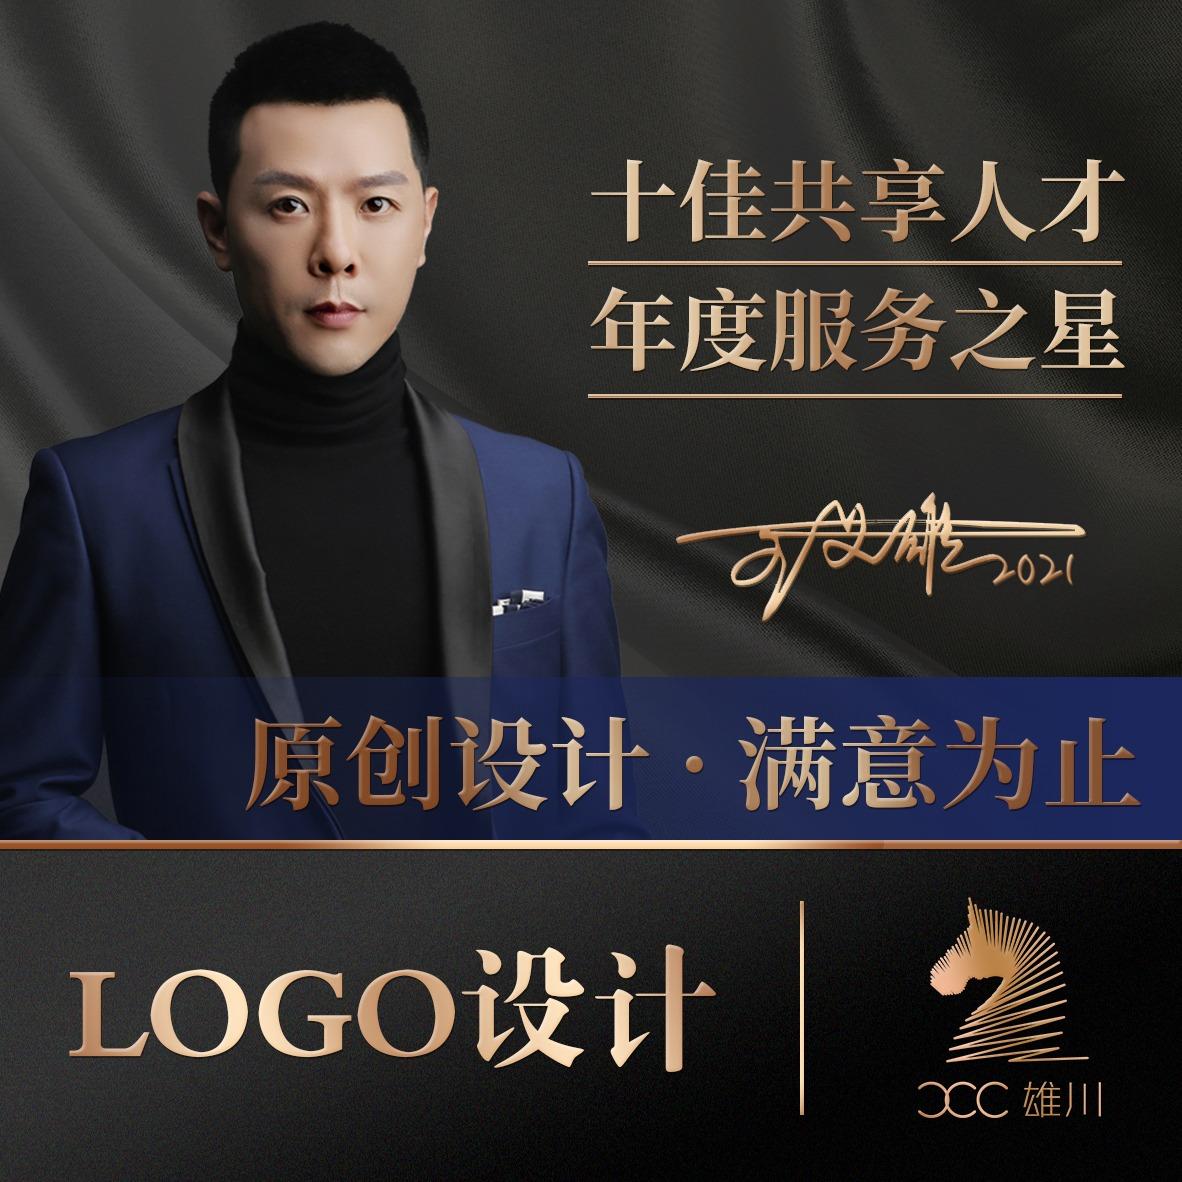 logo定制设计 标志设计 商标设计 品牌LOGO